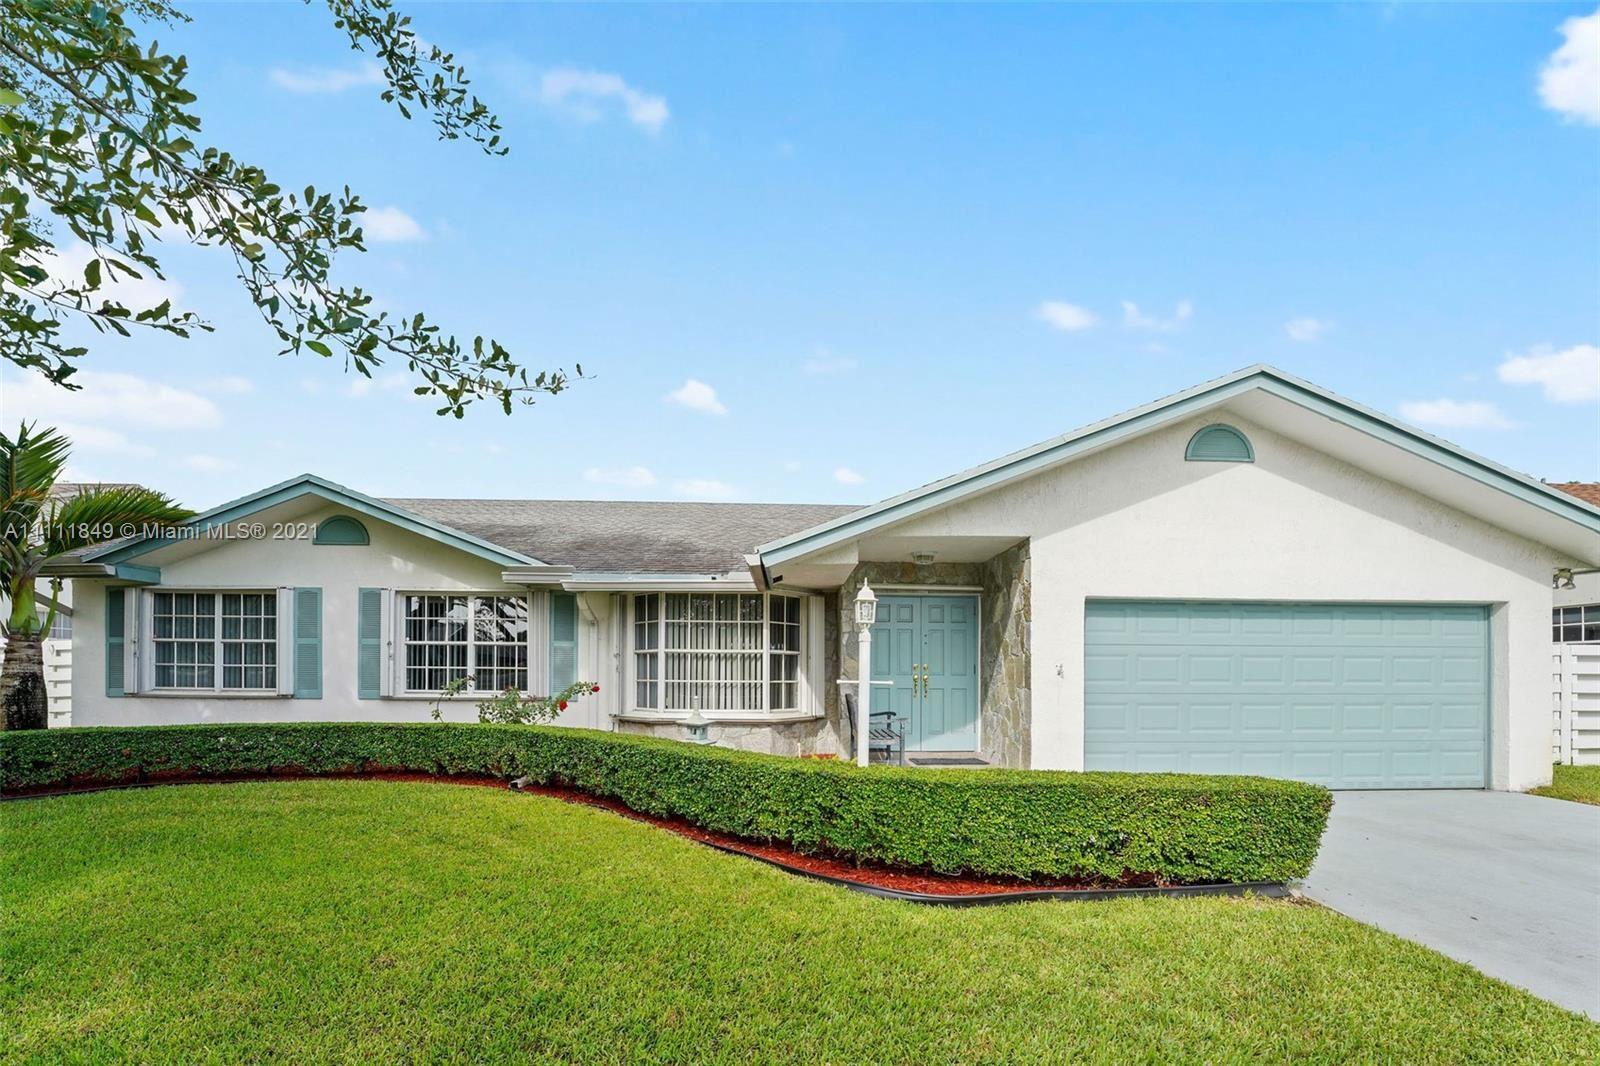 Photo of 14472 SW 140th Ct, Miami, FL 33186 (MLS # A11111849)